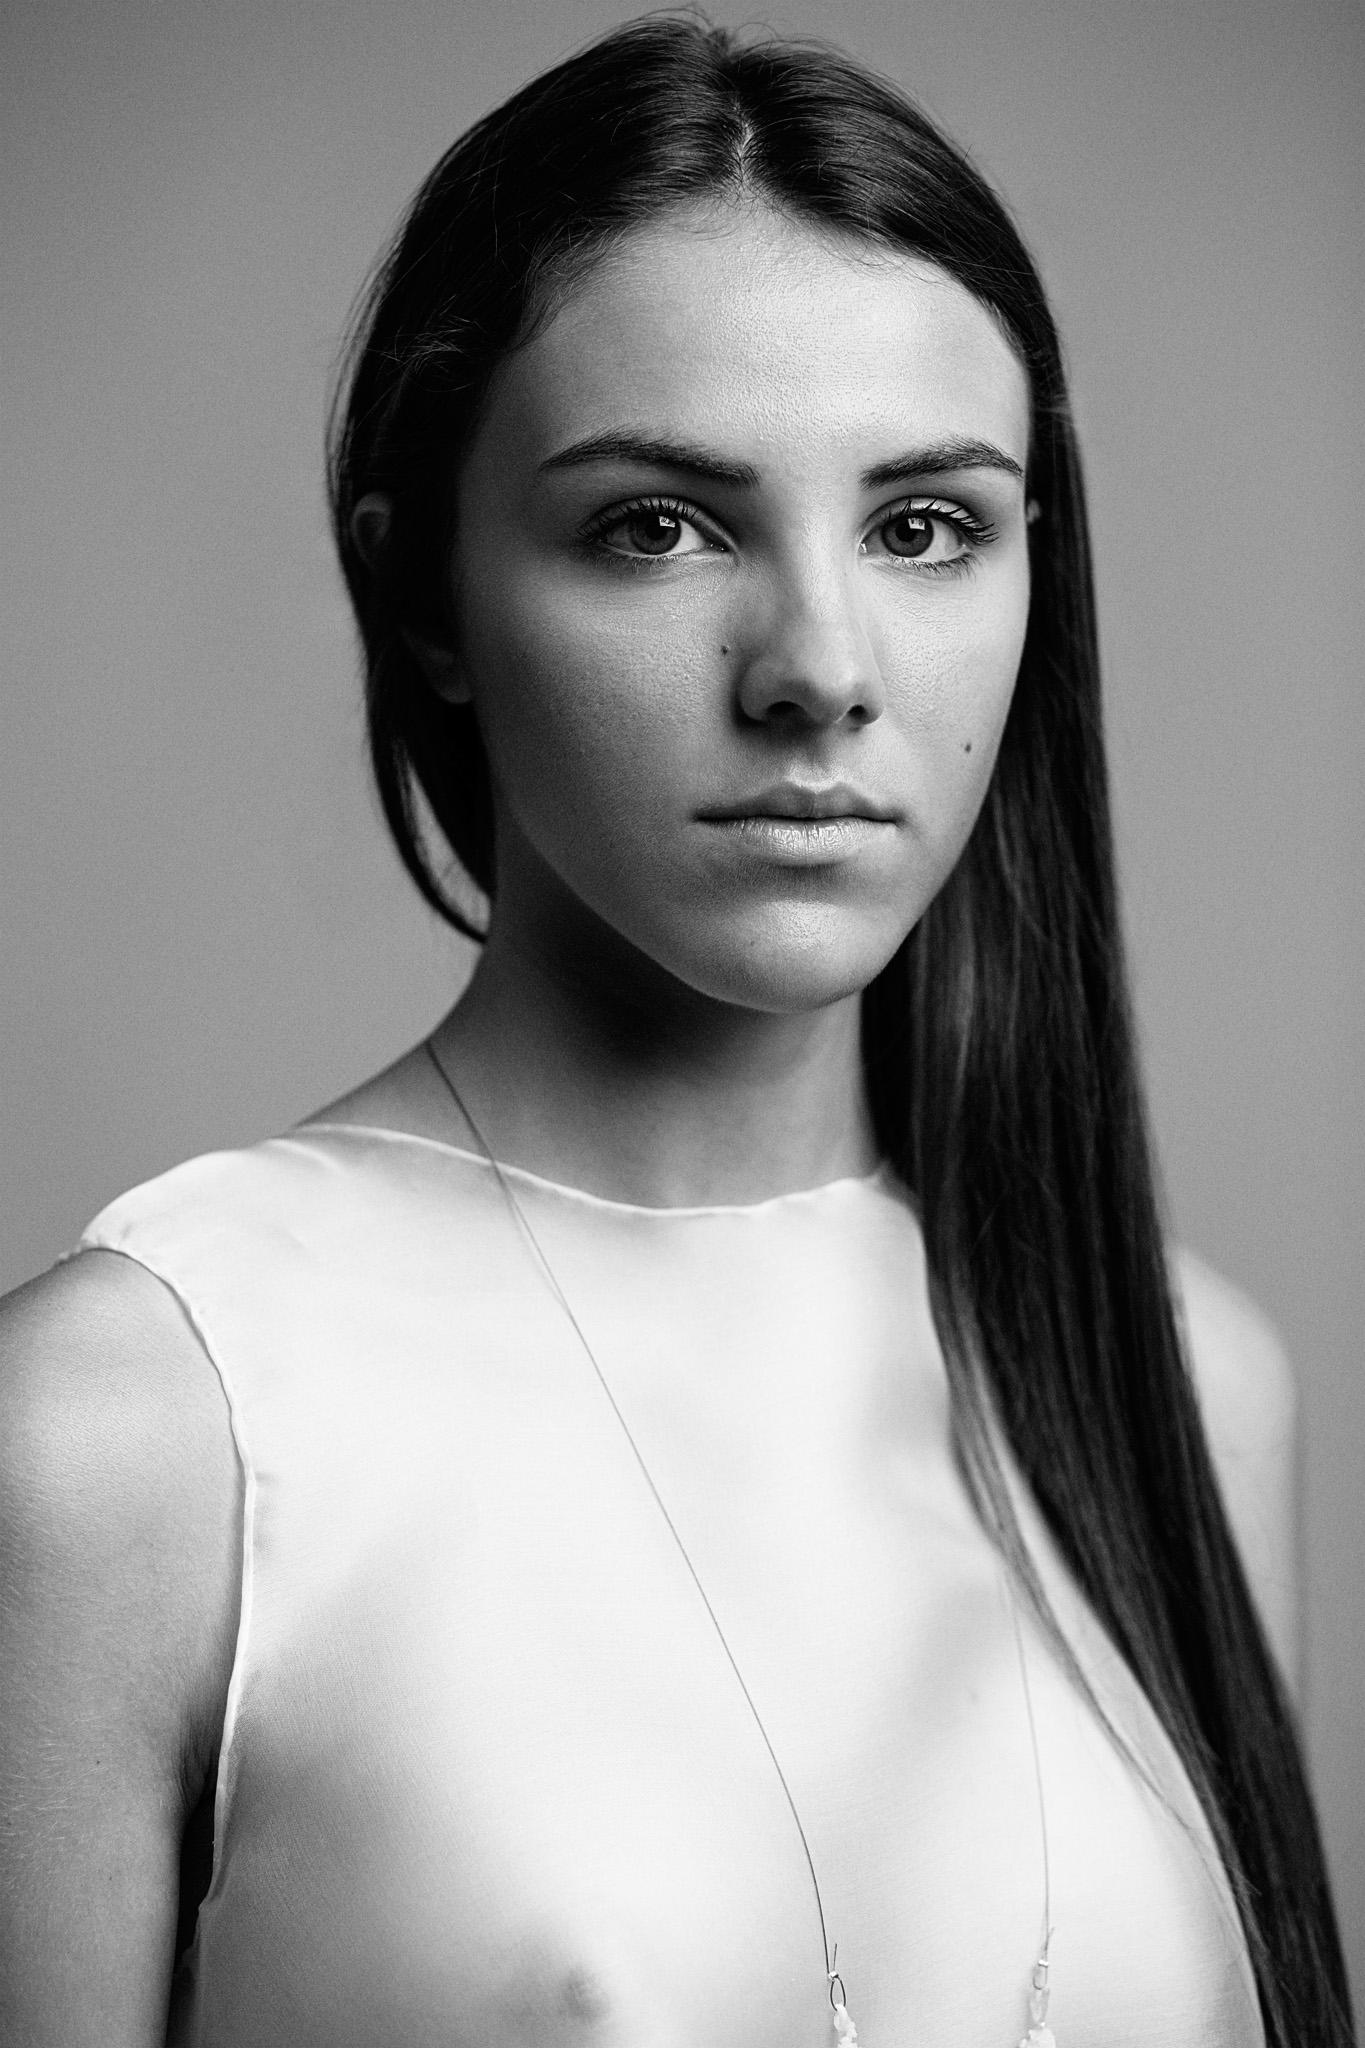 fotografo de publicidad y moda en valencia freelance